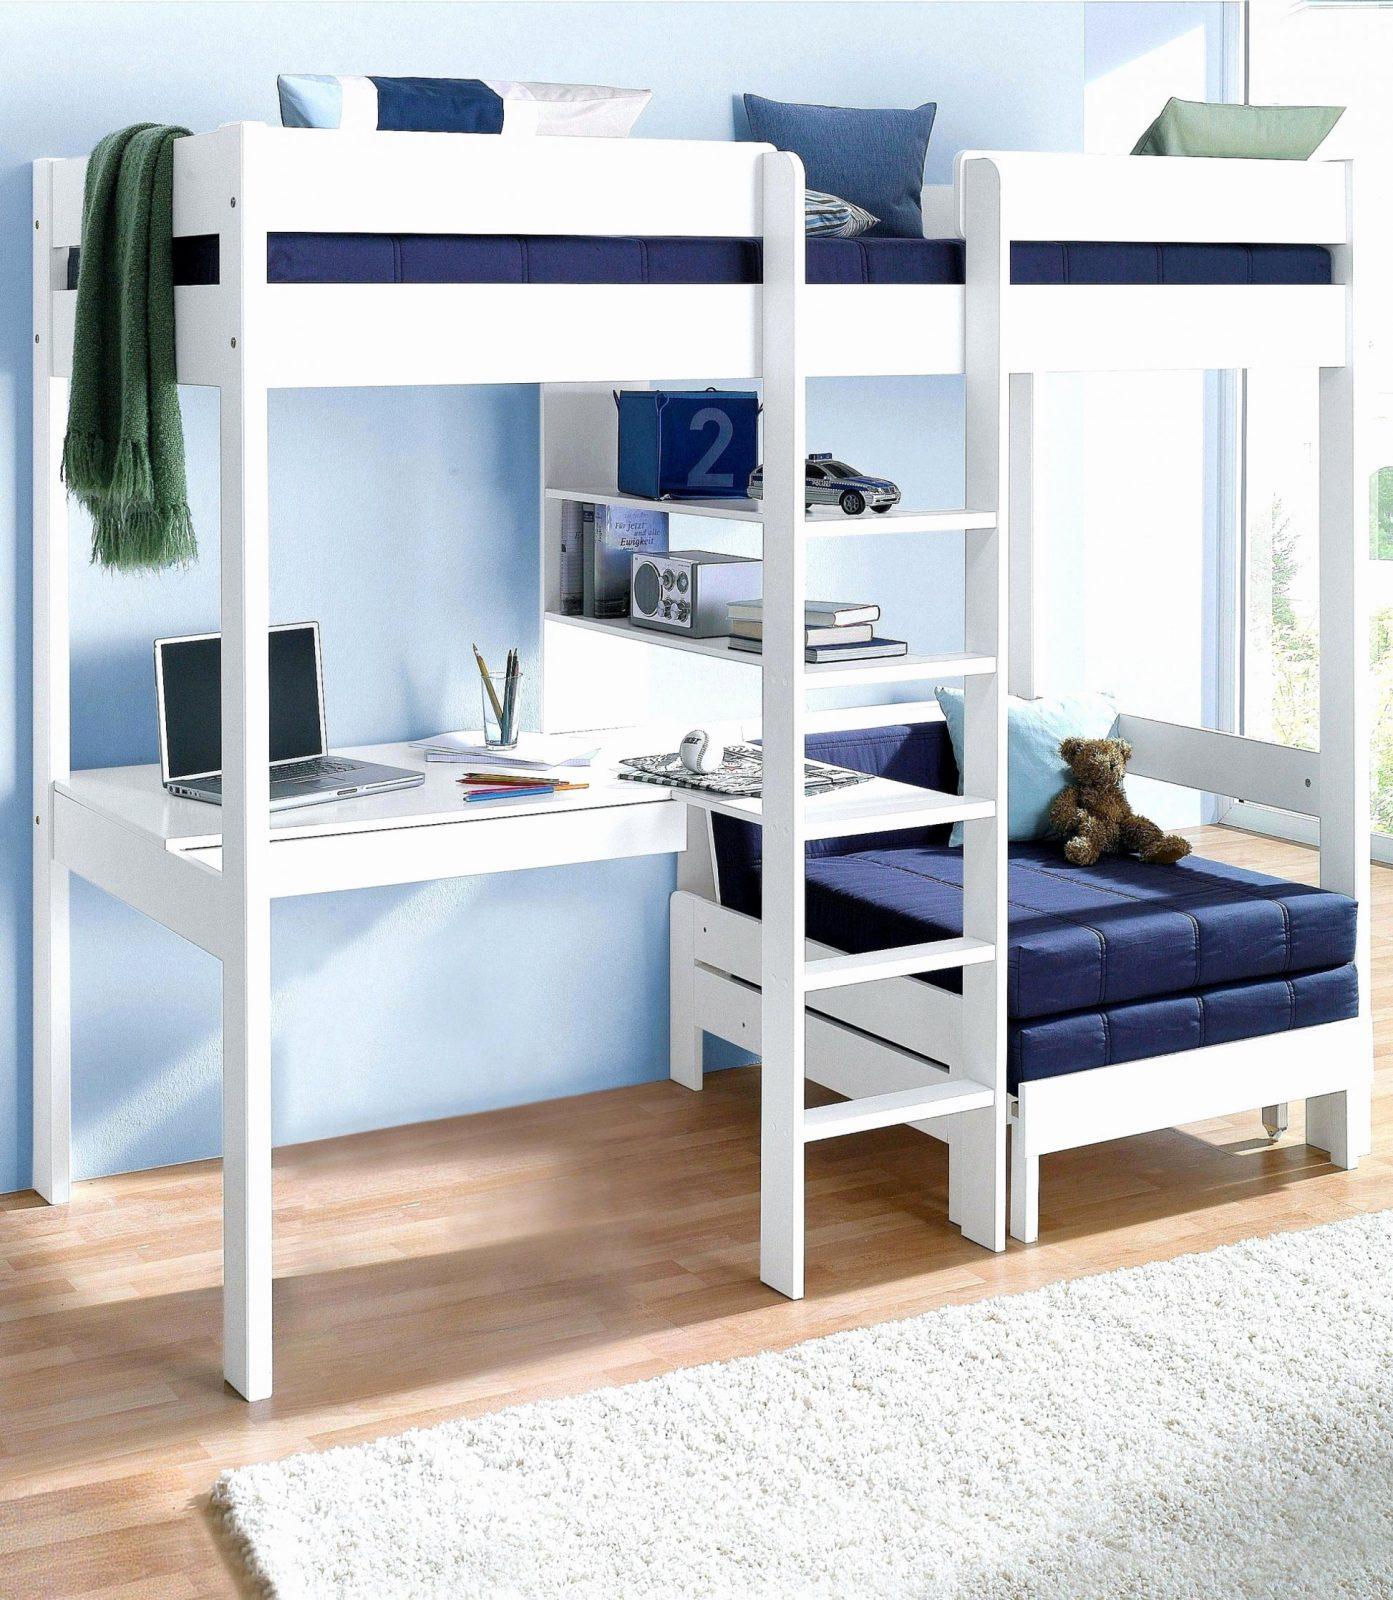 Hochbett 140×200 Für Erwachsene Schön Ikea Hochbett von Ikea Hochbett Für Erwachsene Photo